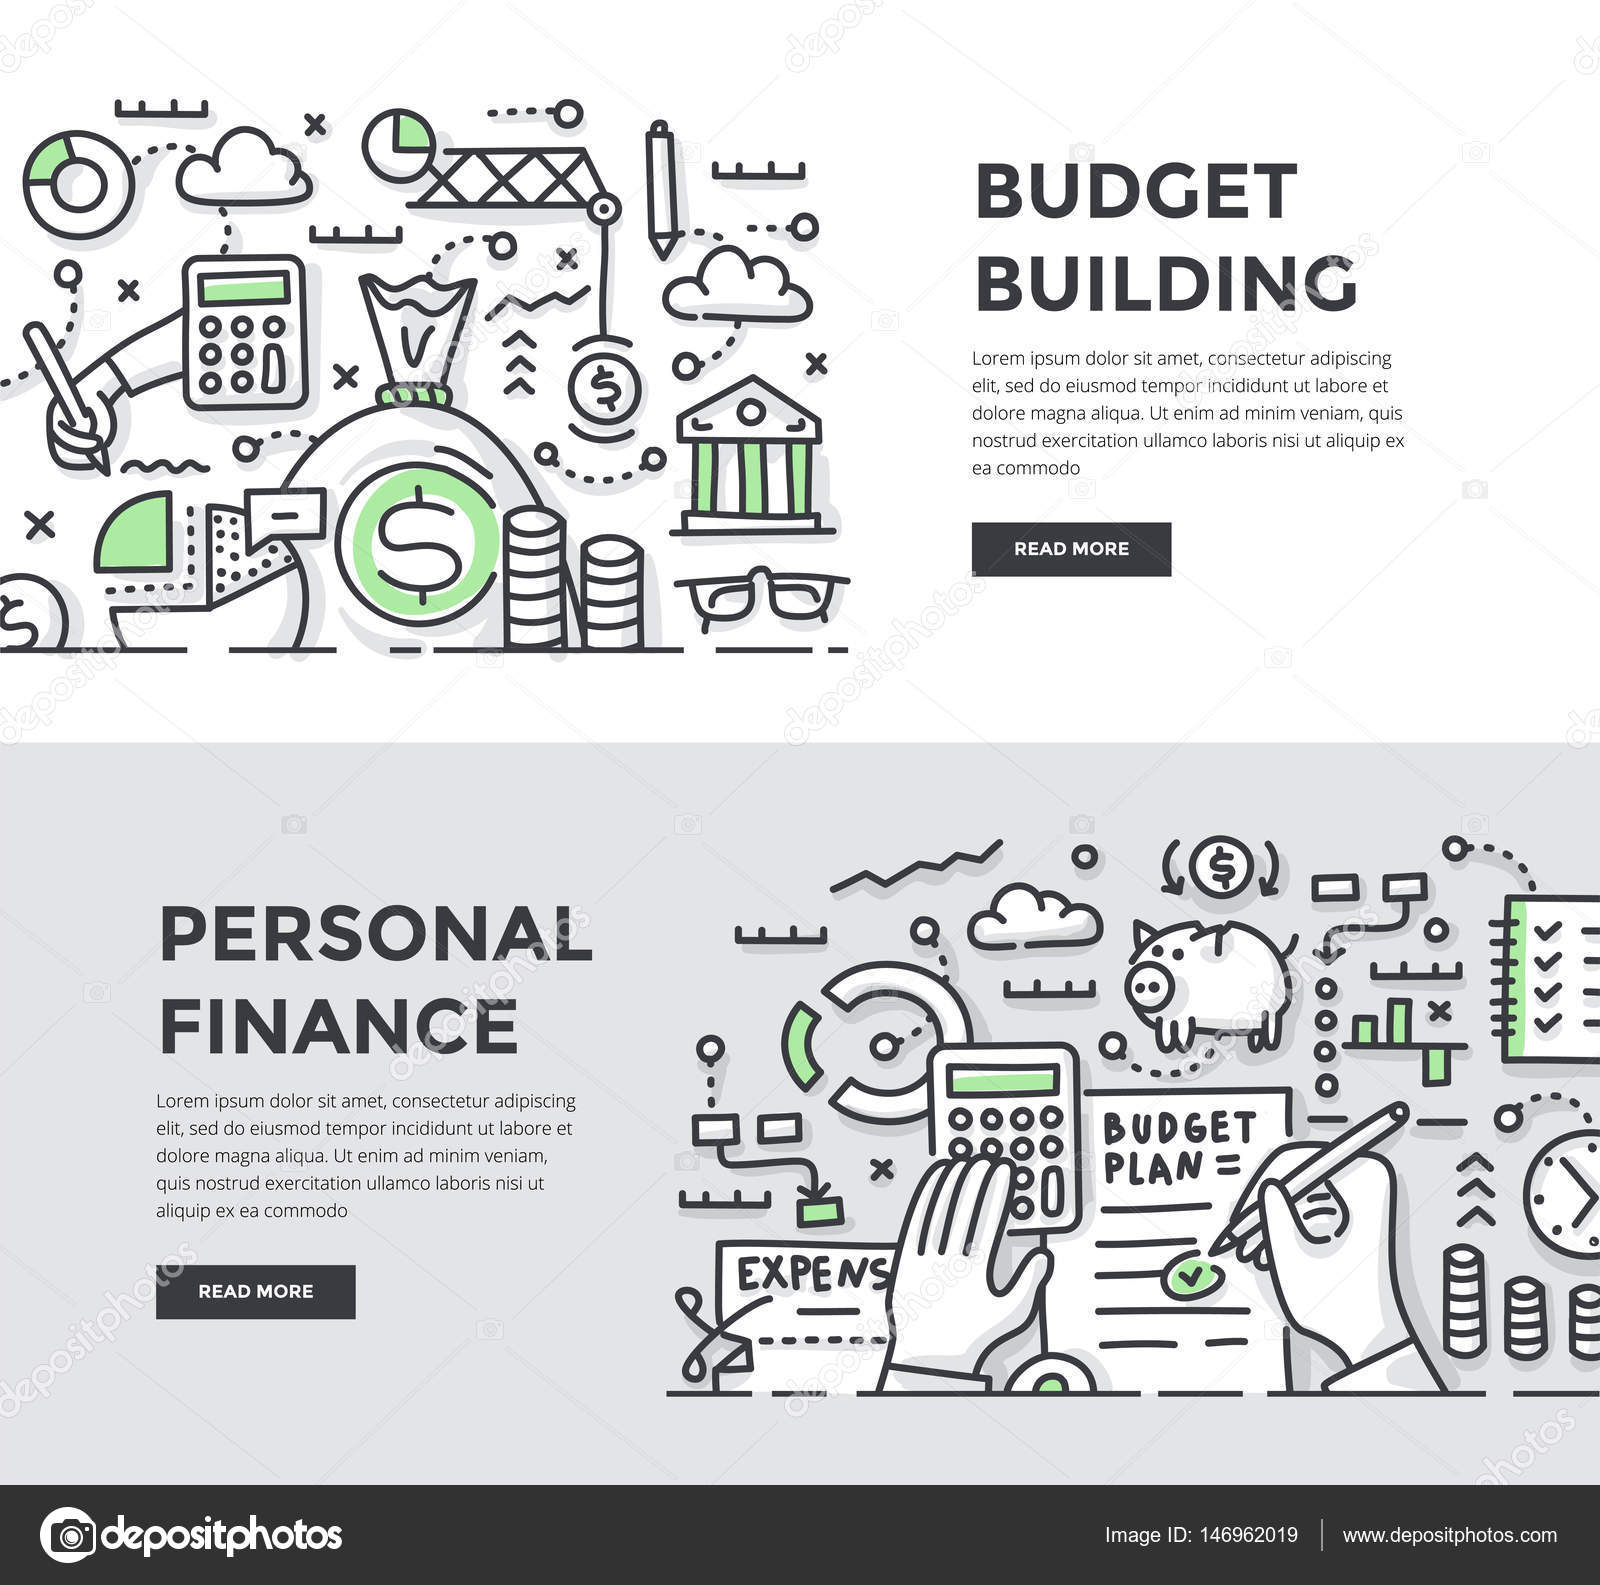 construcción de presupuesto y finanzas personales doodle banners